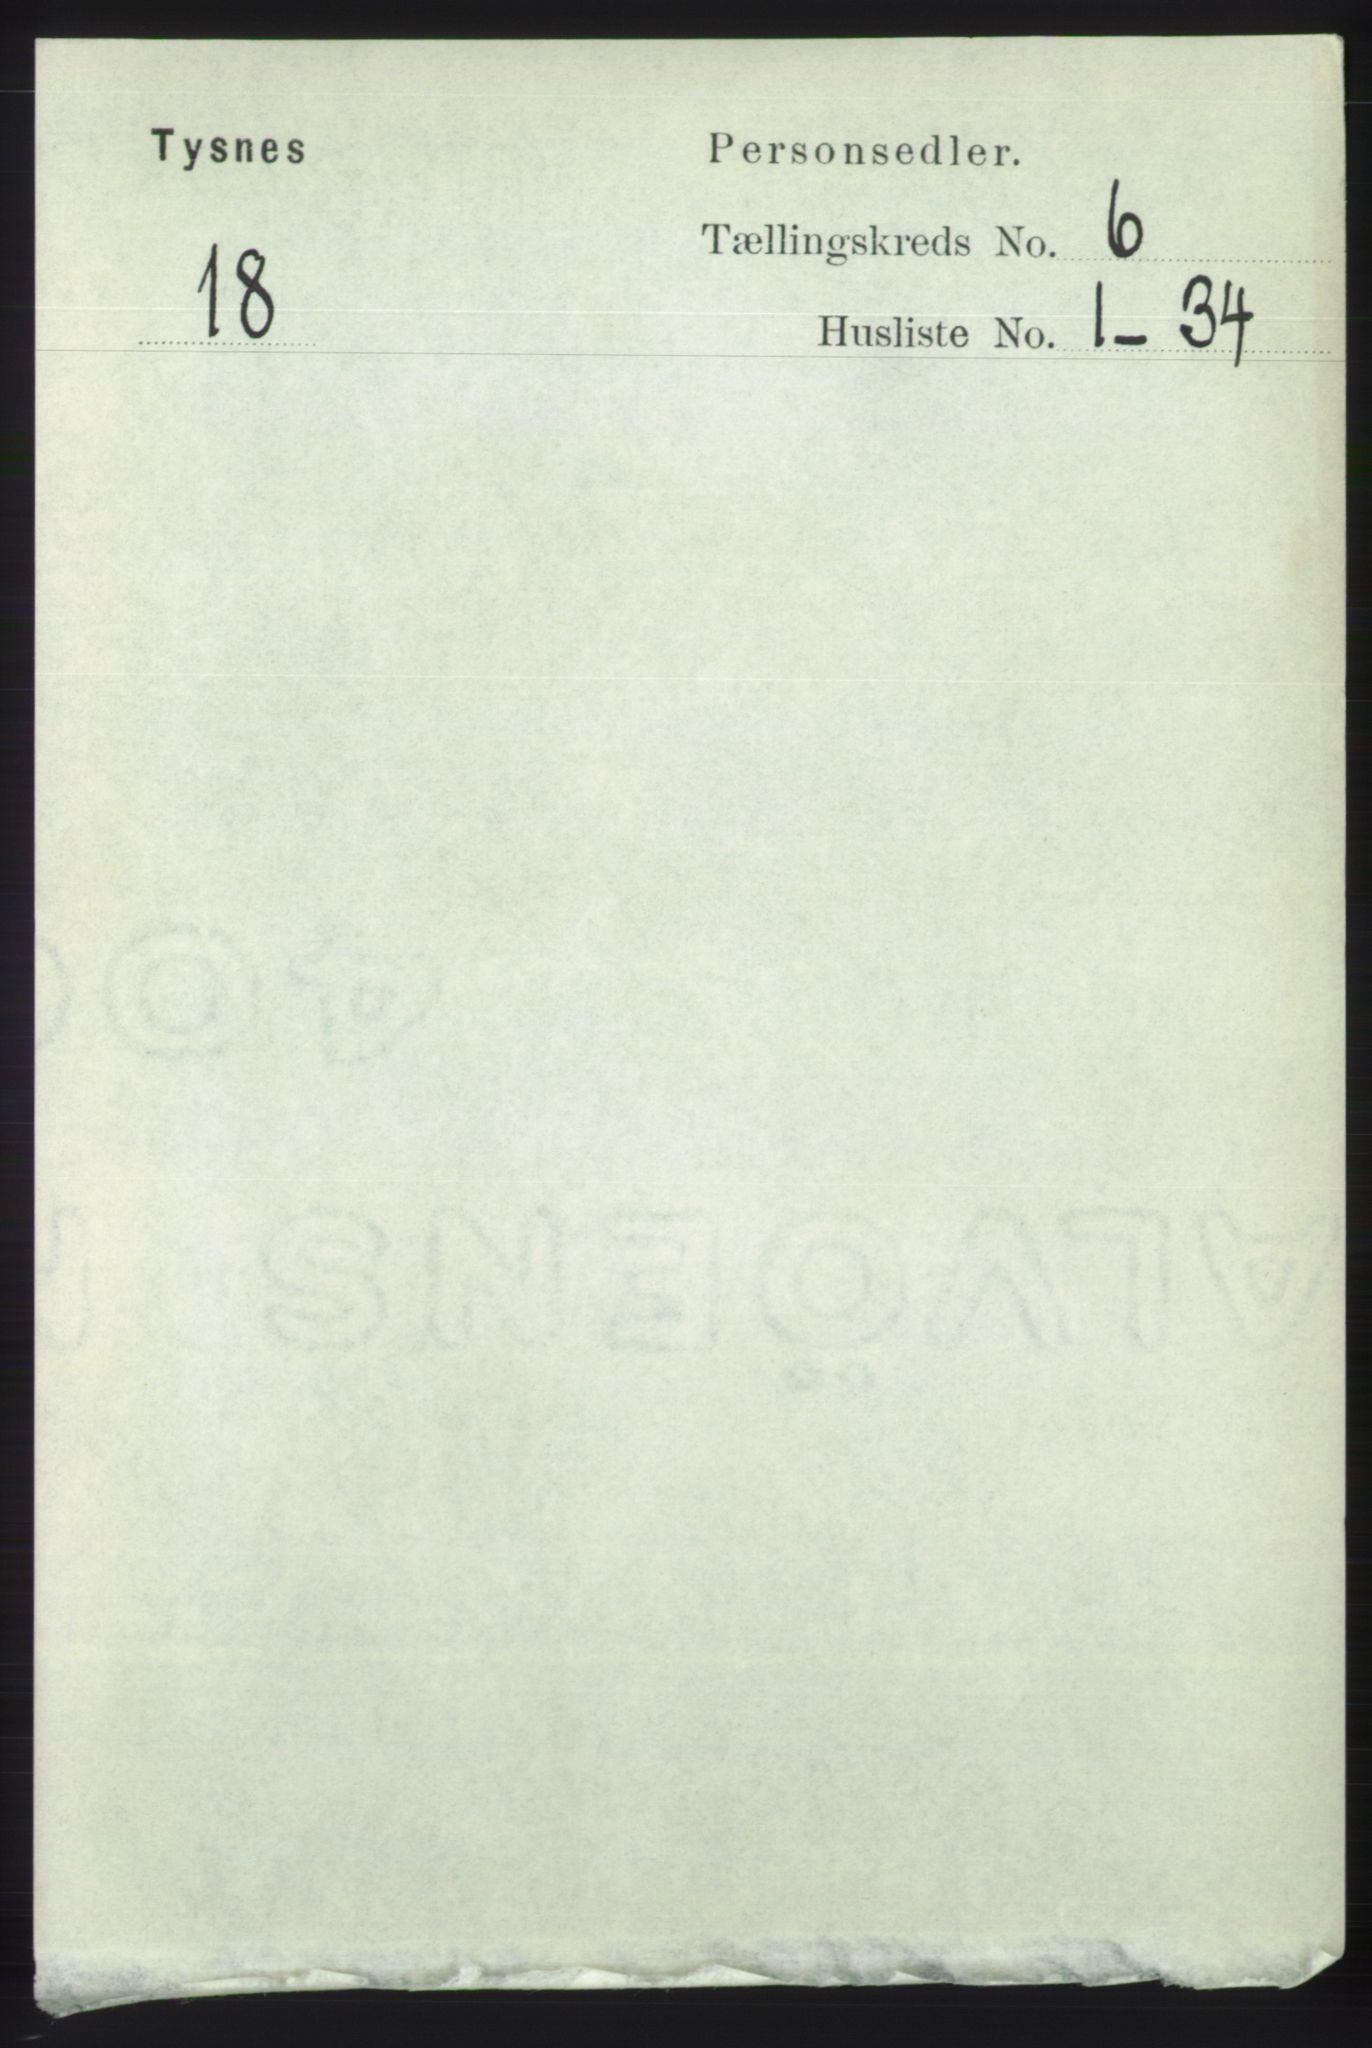 RA, Folketelling 1891 for 1223 Tysnes herred, 1891, s. 2369